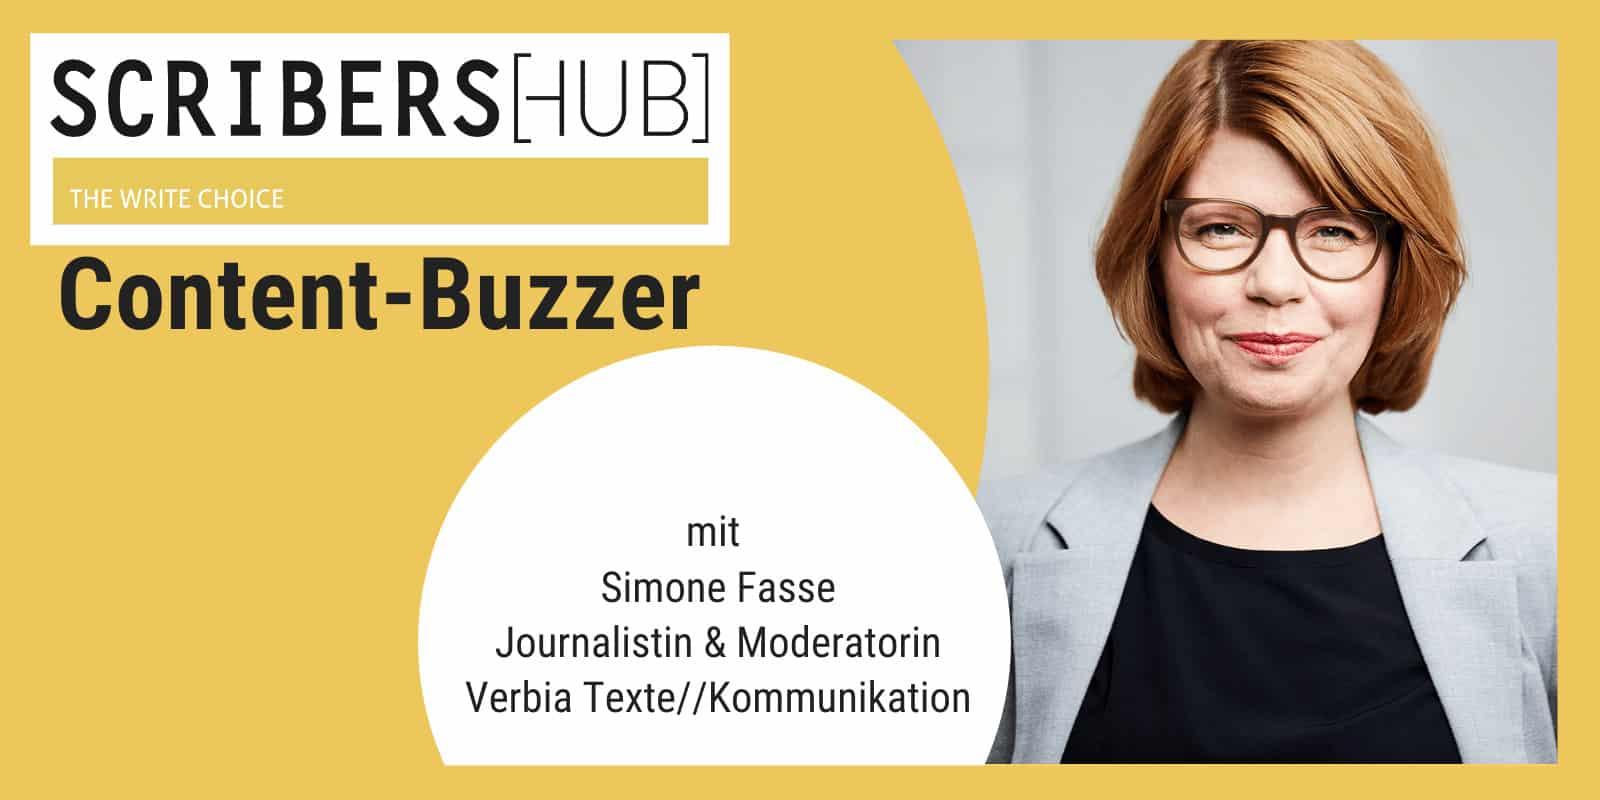 Simone Fasse im Scribershub Content Buzzer